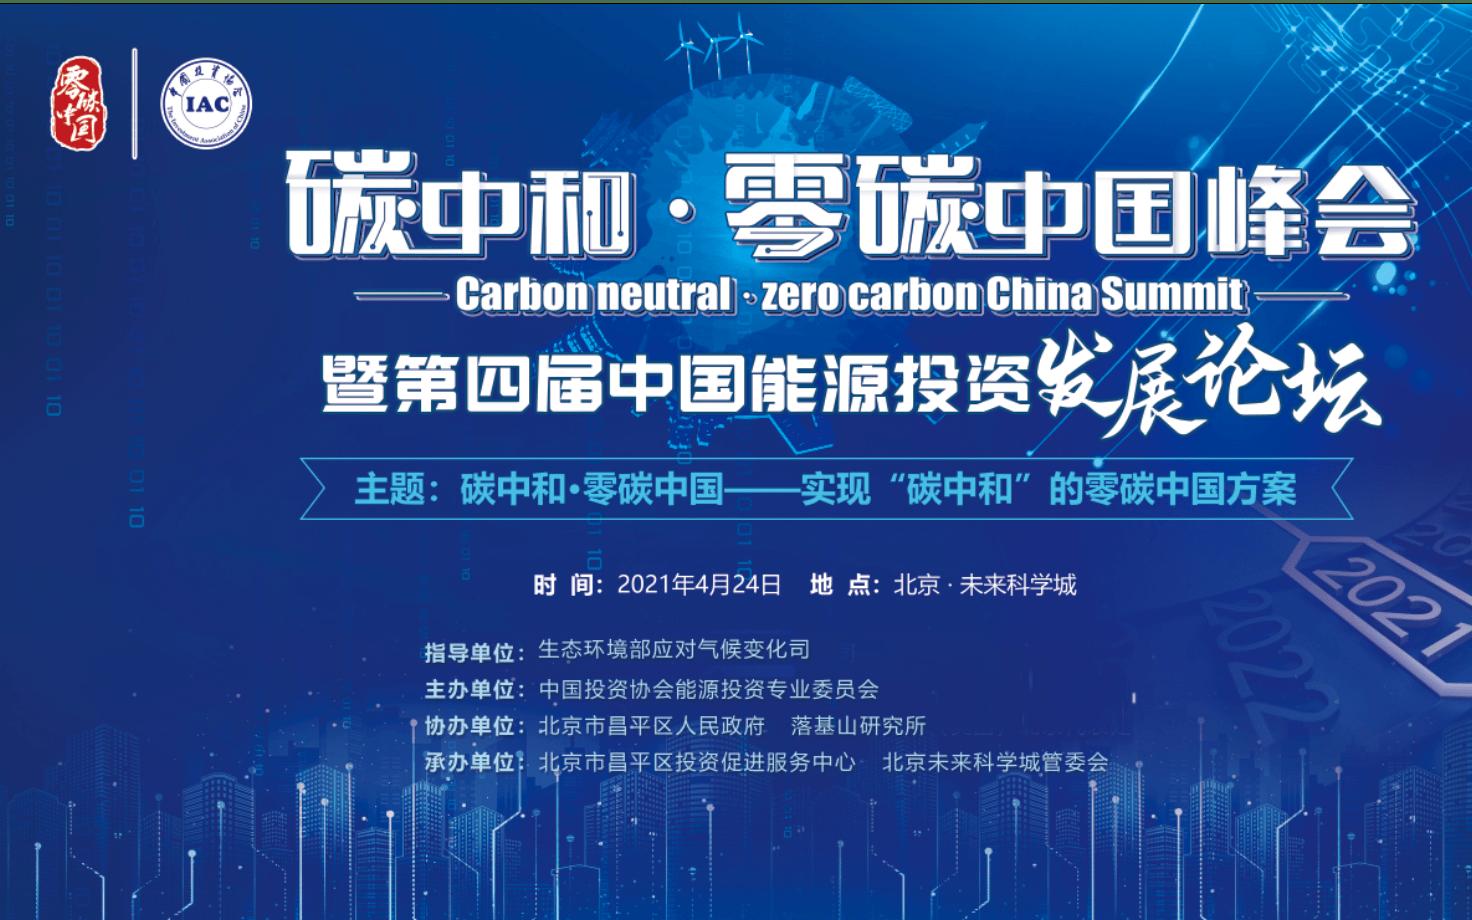 碳中和·零碳中国峰会 暨第四届中国能源投资发展论坛